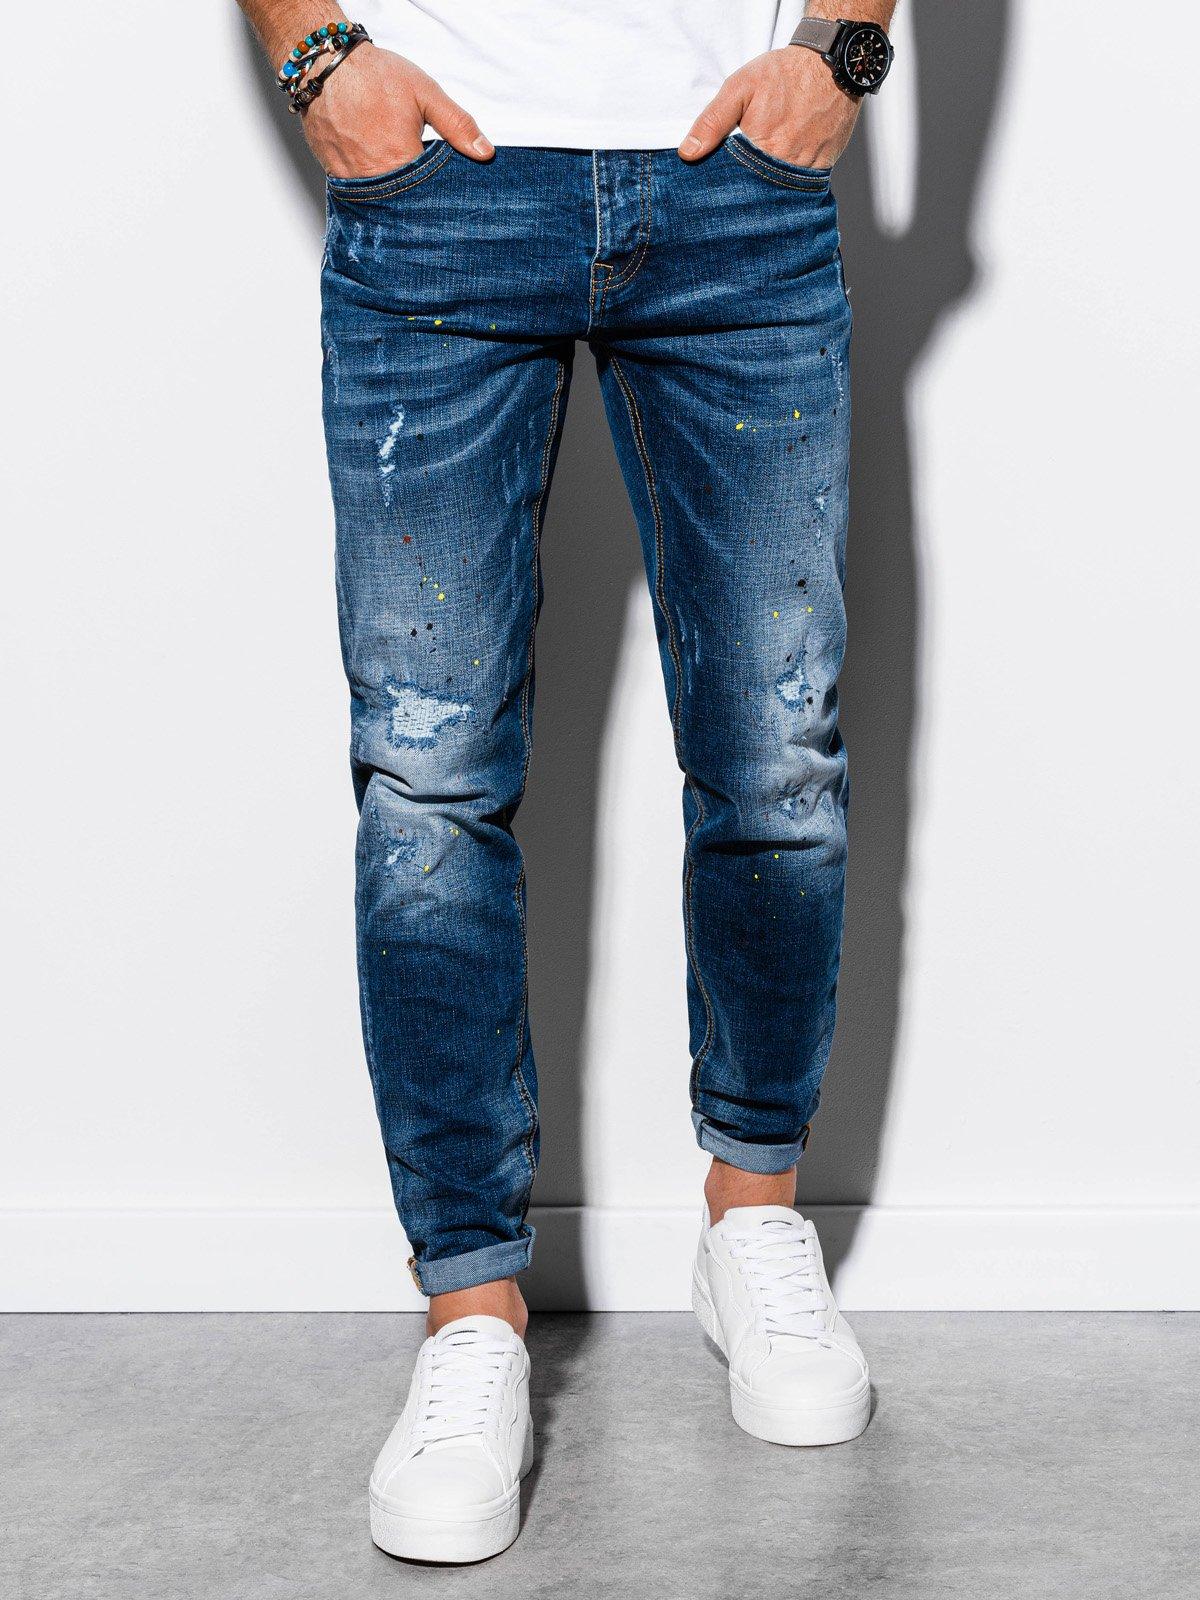 Spodnie męskie jeansowe P859 - niebieskie